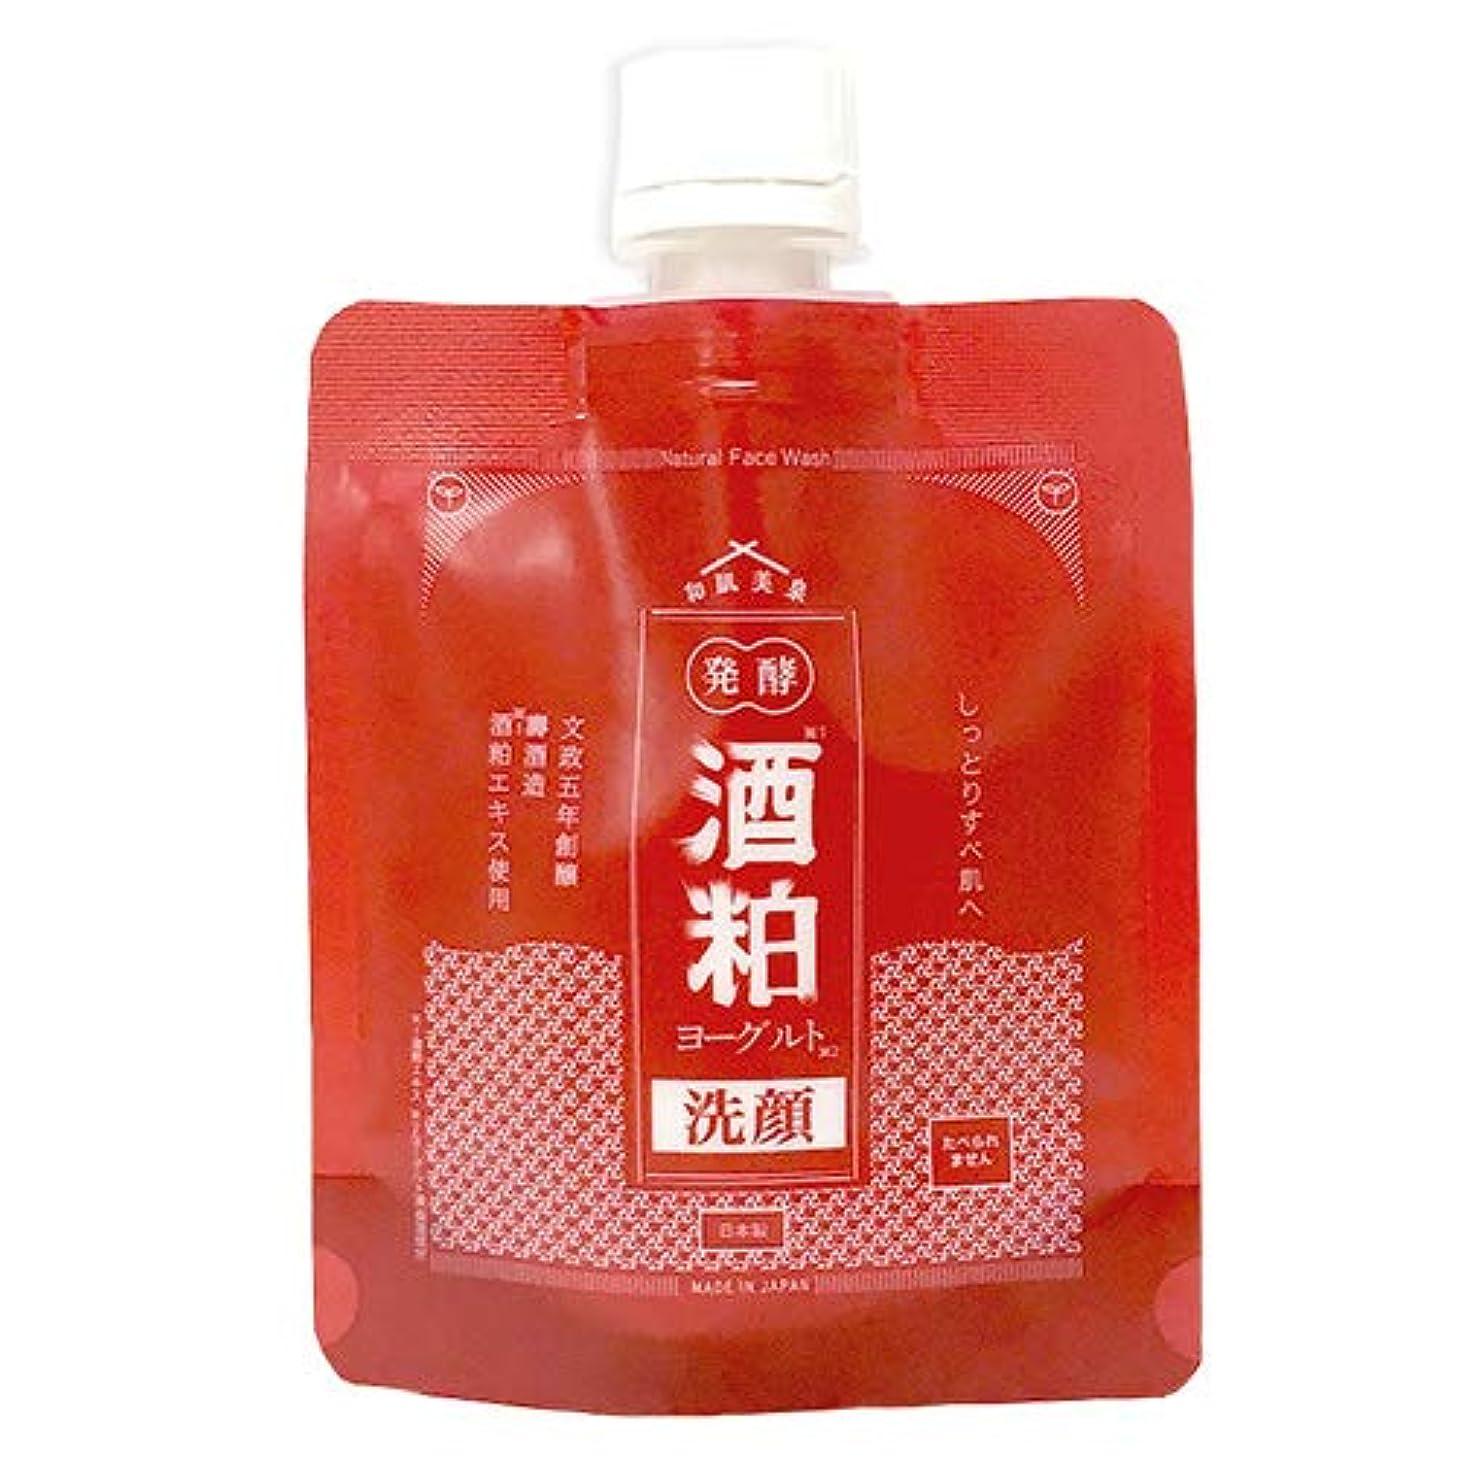 和肌美泉 発酵•酒粕ヨーグルト洗顔 100g